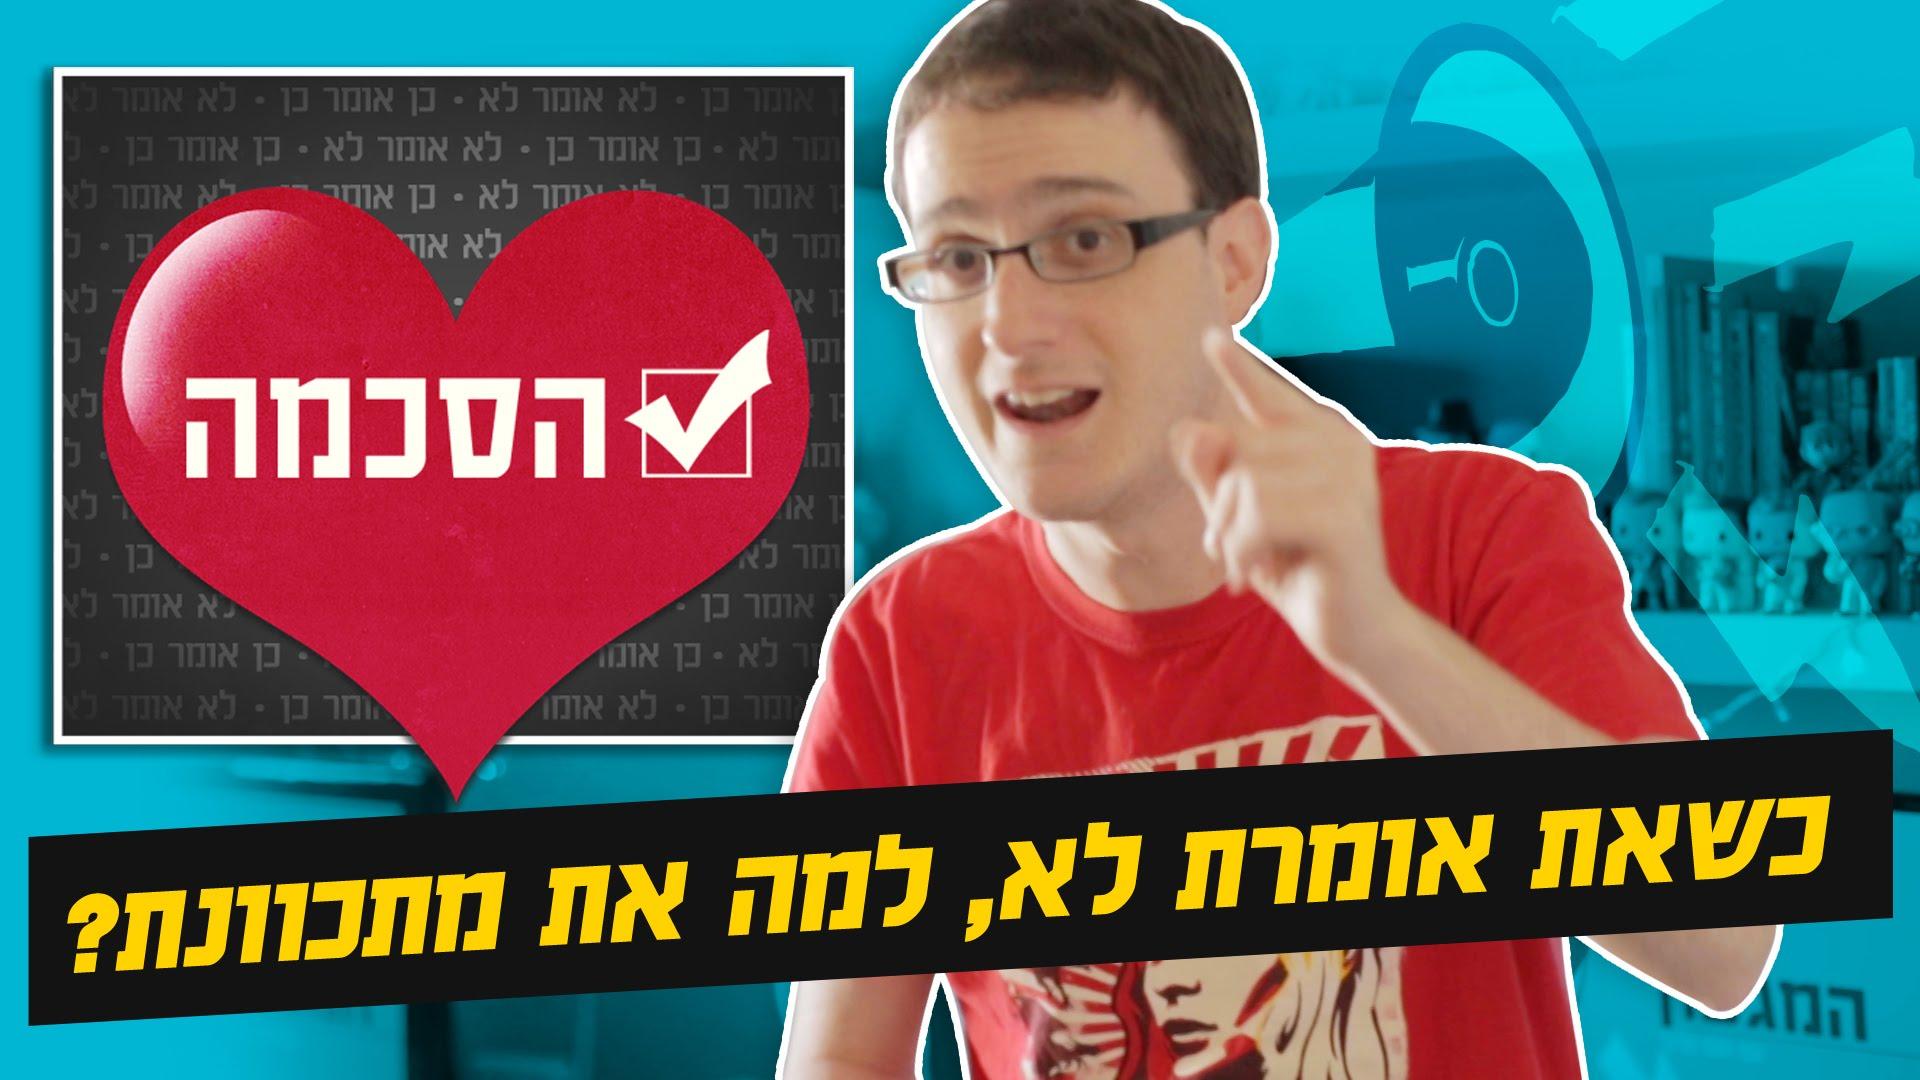 תום טרגר - Youtube